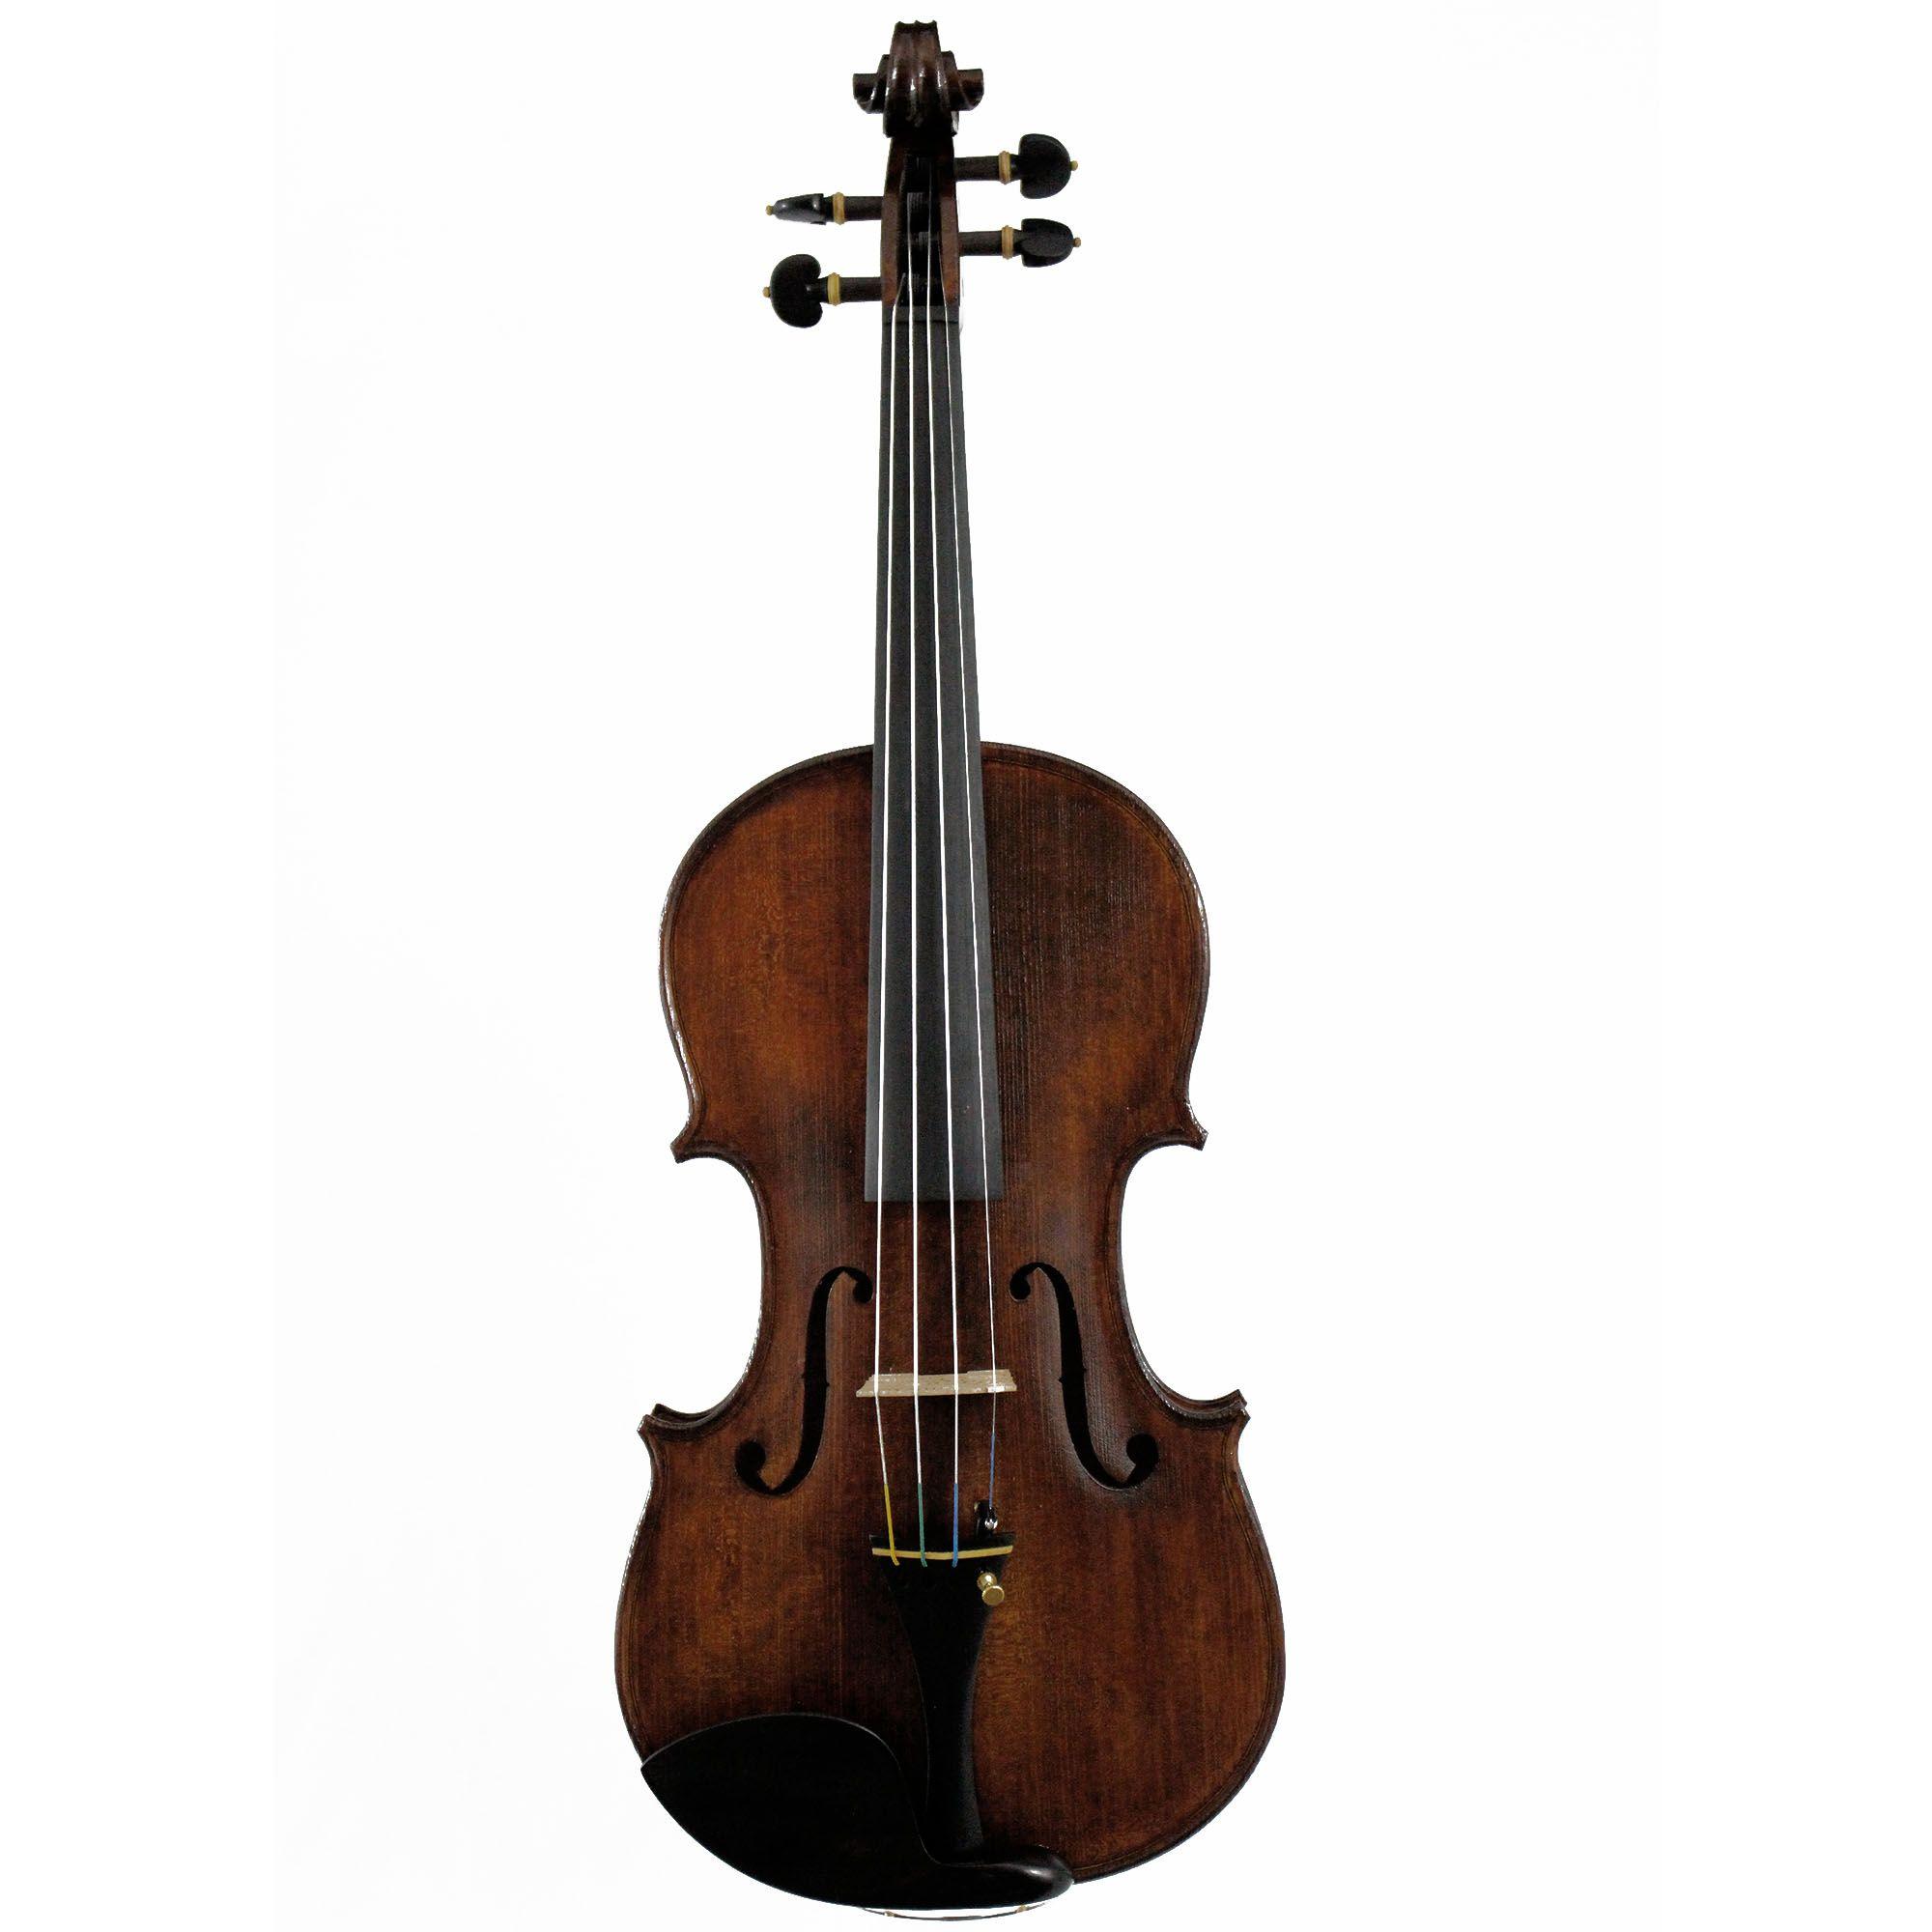 Violino feito à mão modelo strad 4/4 verniz goma laca Nogueira envelhecido